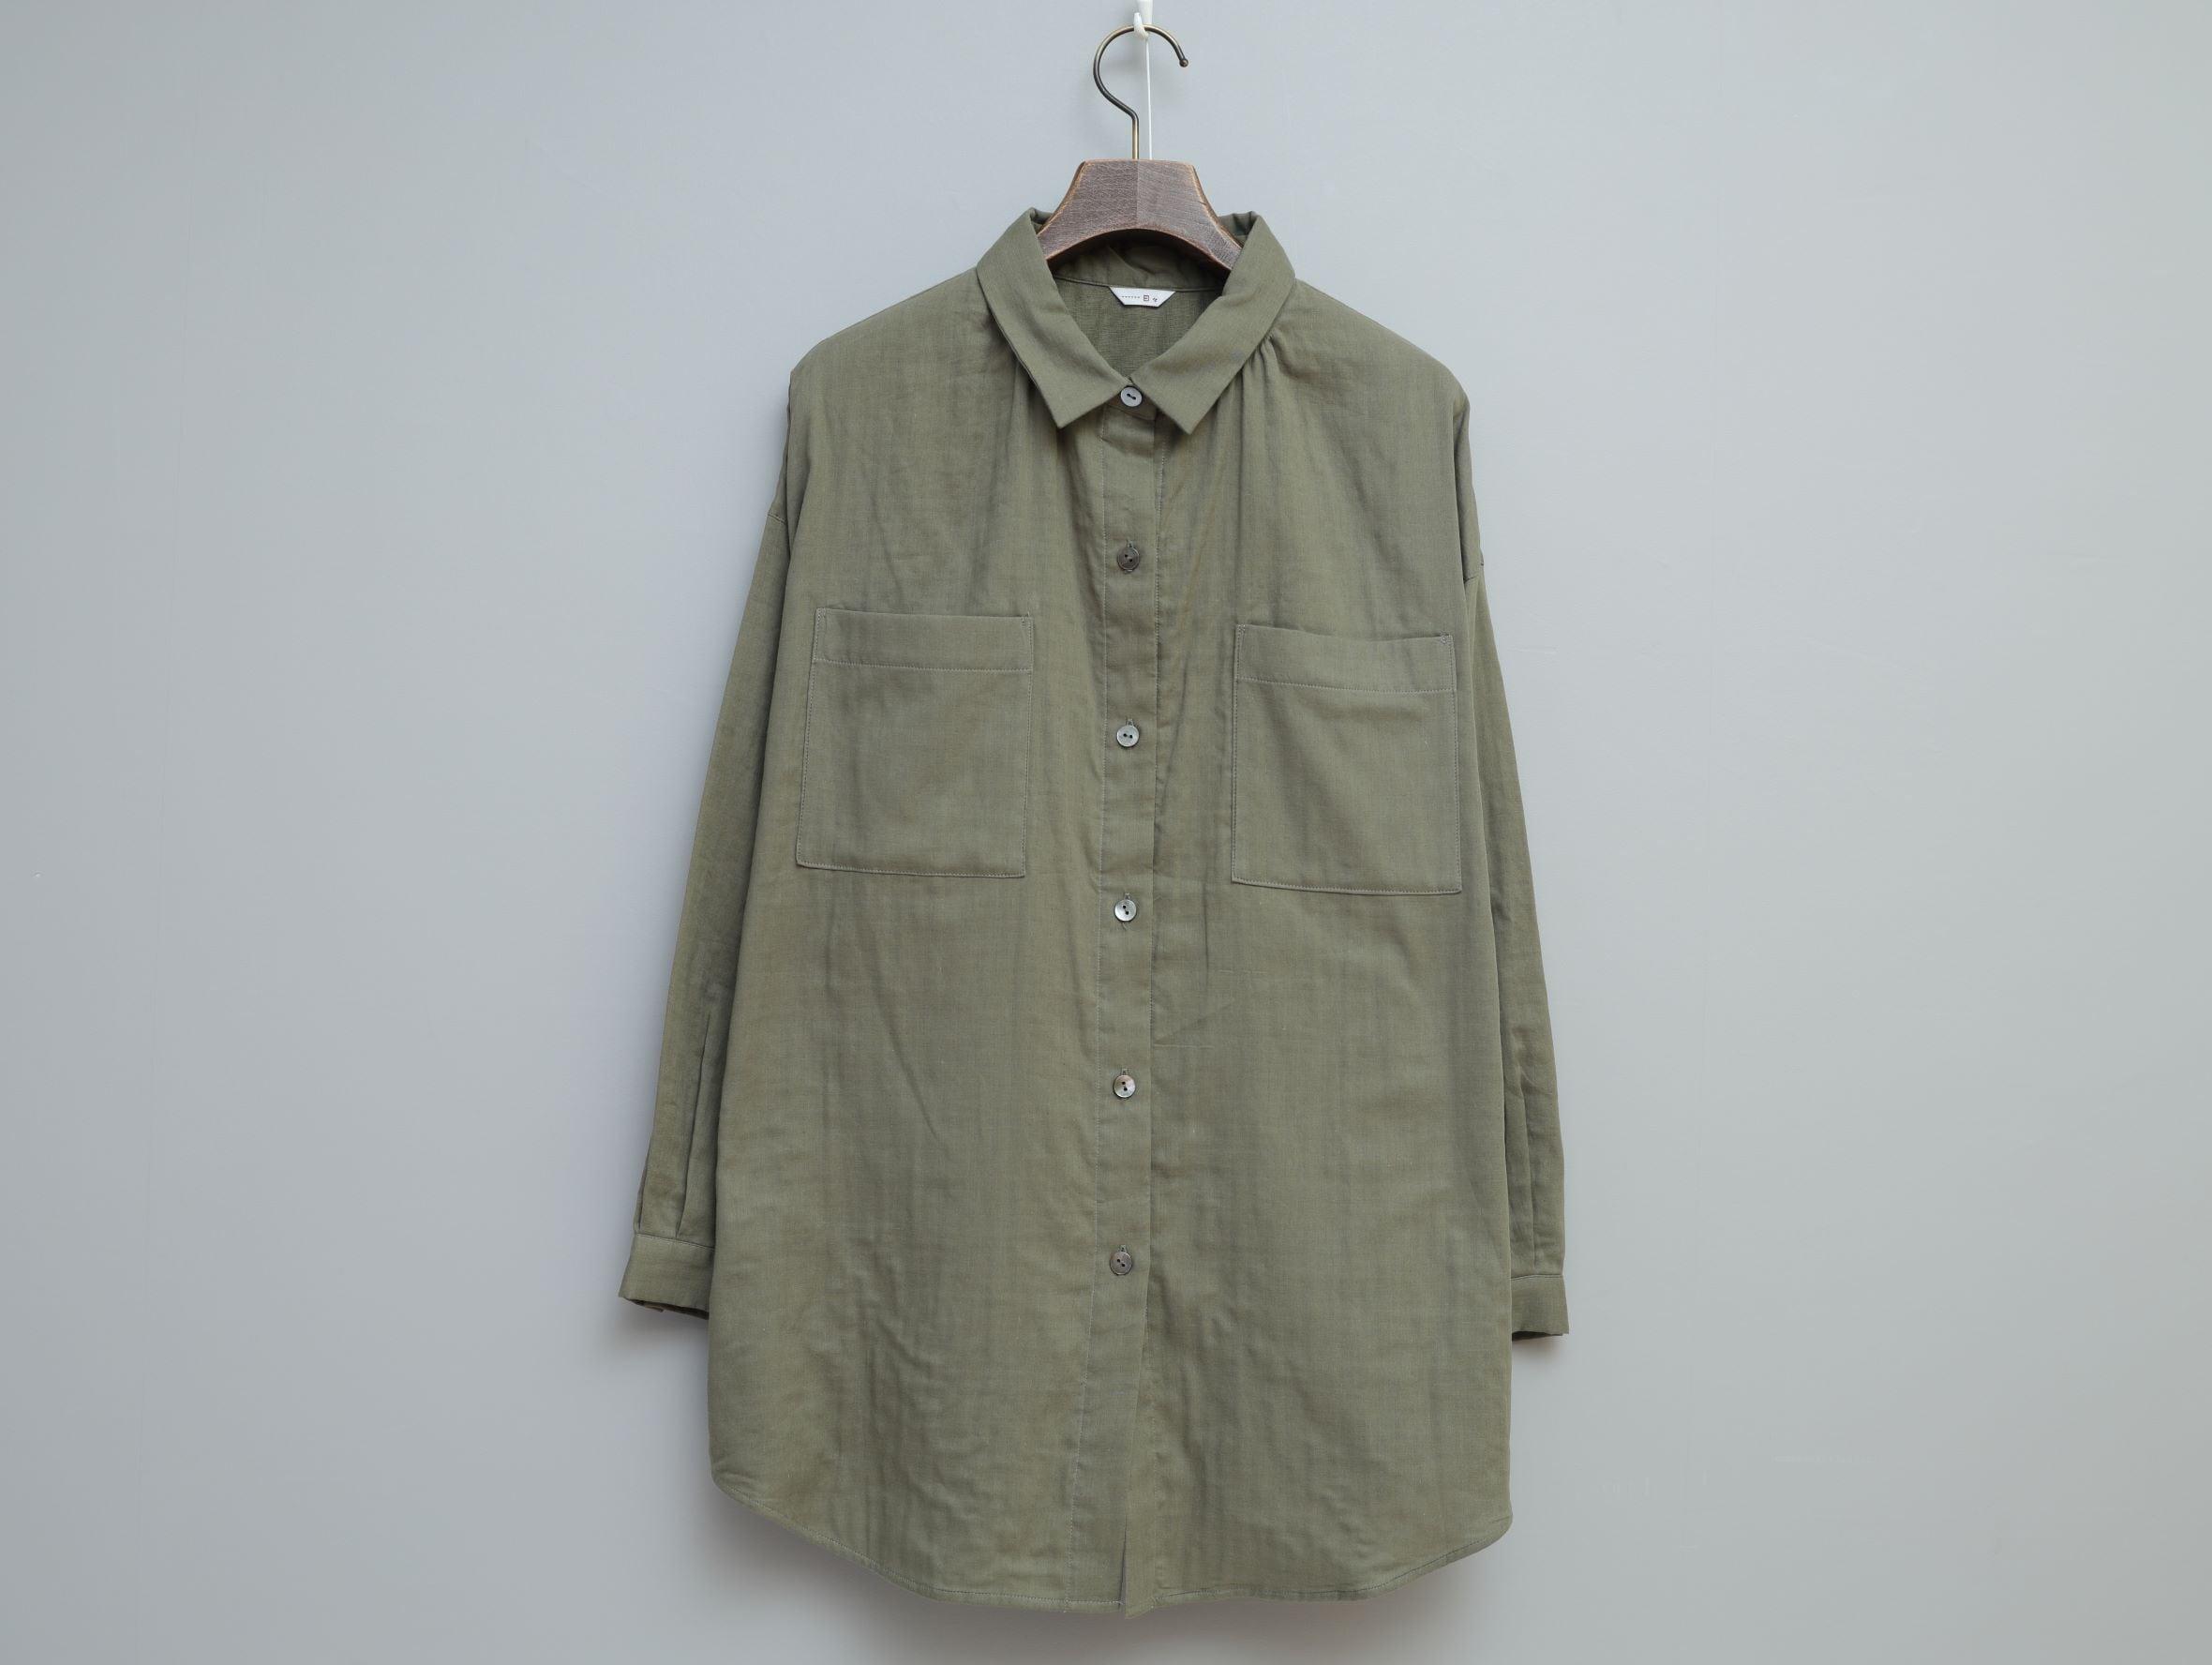 ナチュラル二重ガーゼのオーバーシャツ